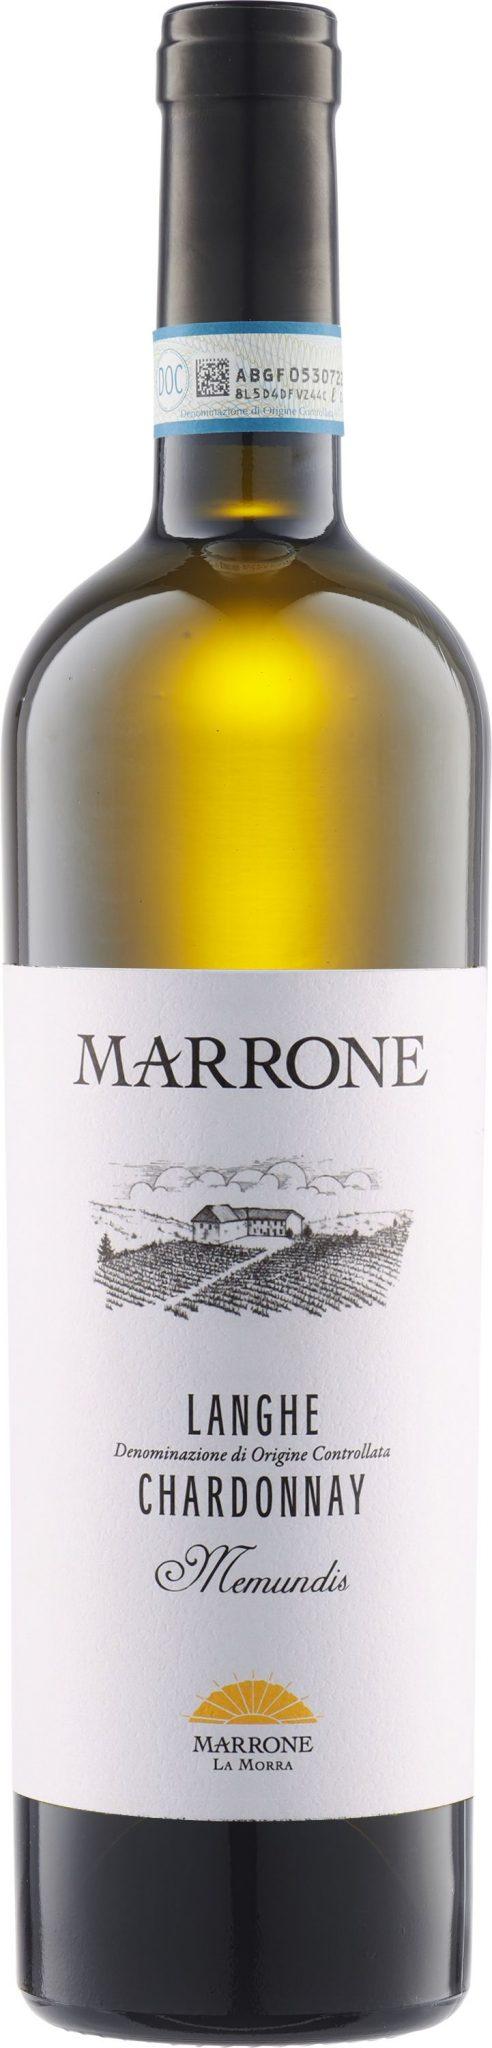 """Marrone - Langhe Chardonnay """"Memundis"""" 2019"""